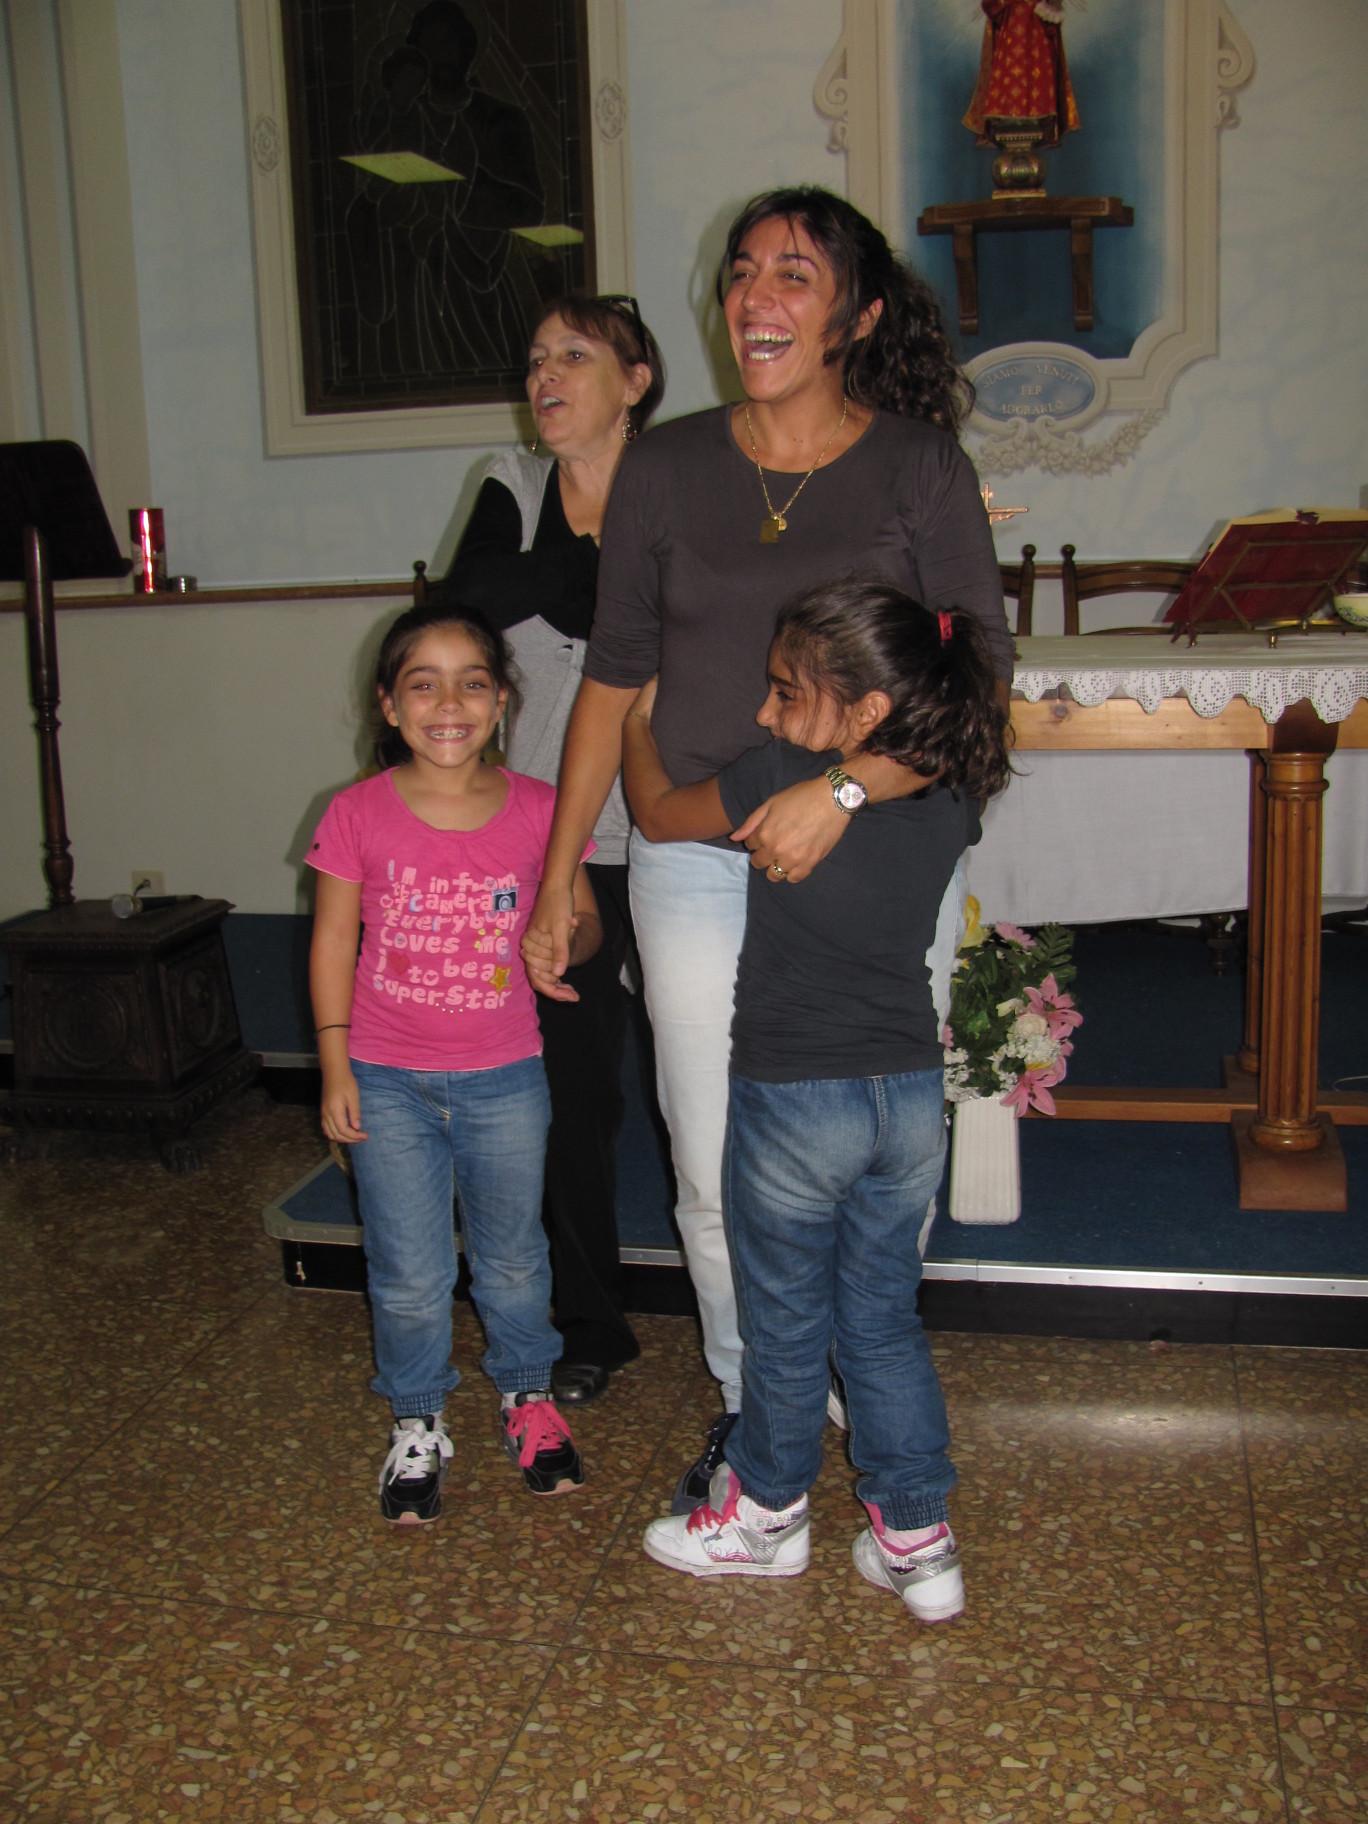 giornata_comunita_arenzano_2012-09-30-15-04-40